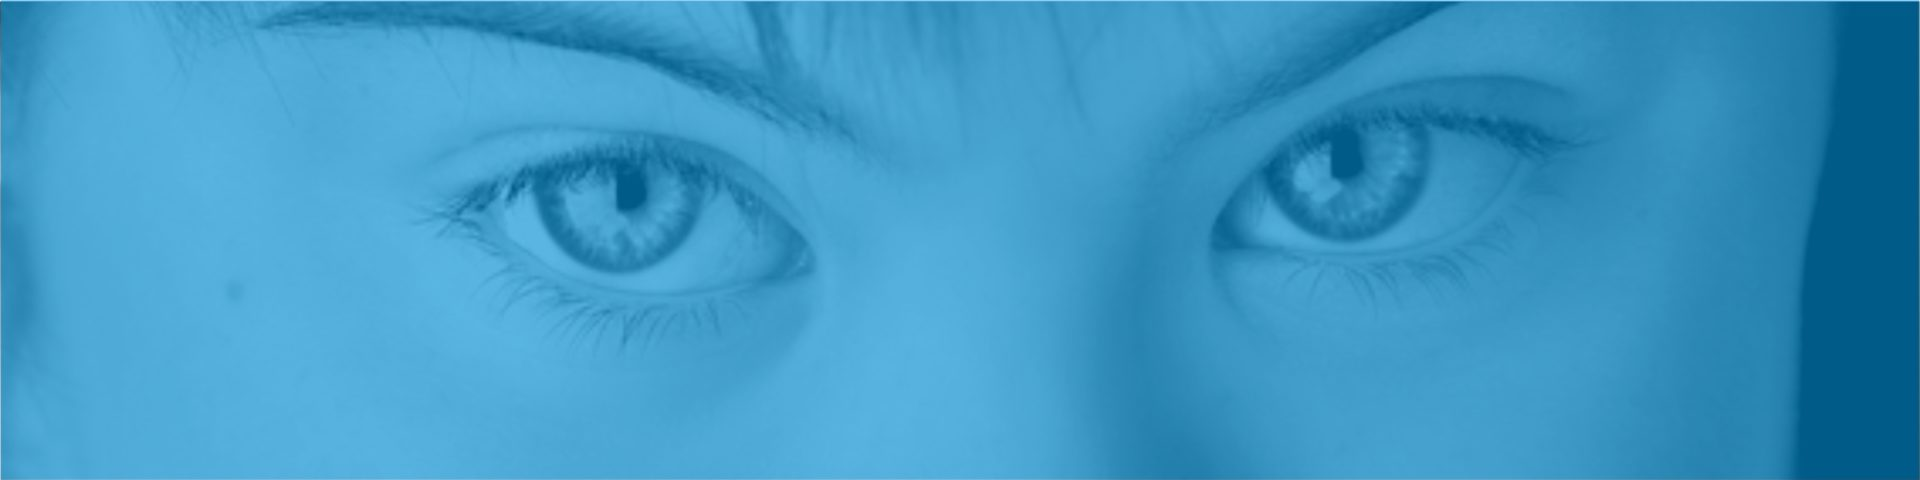 Ojos azules de niñas con Trisomía 21